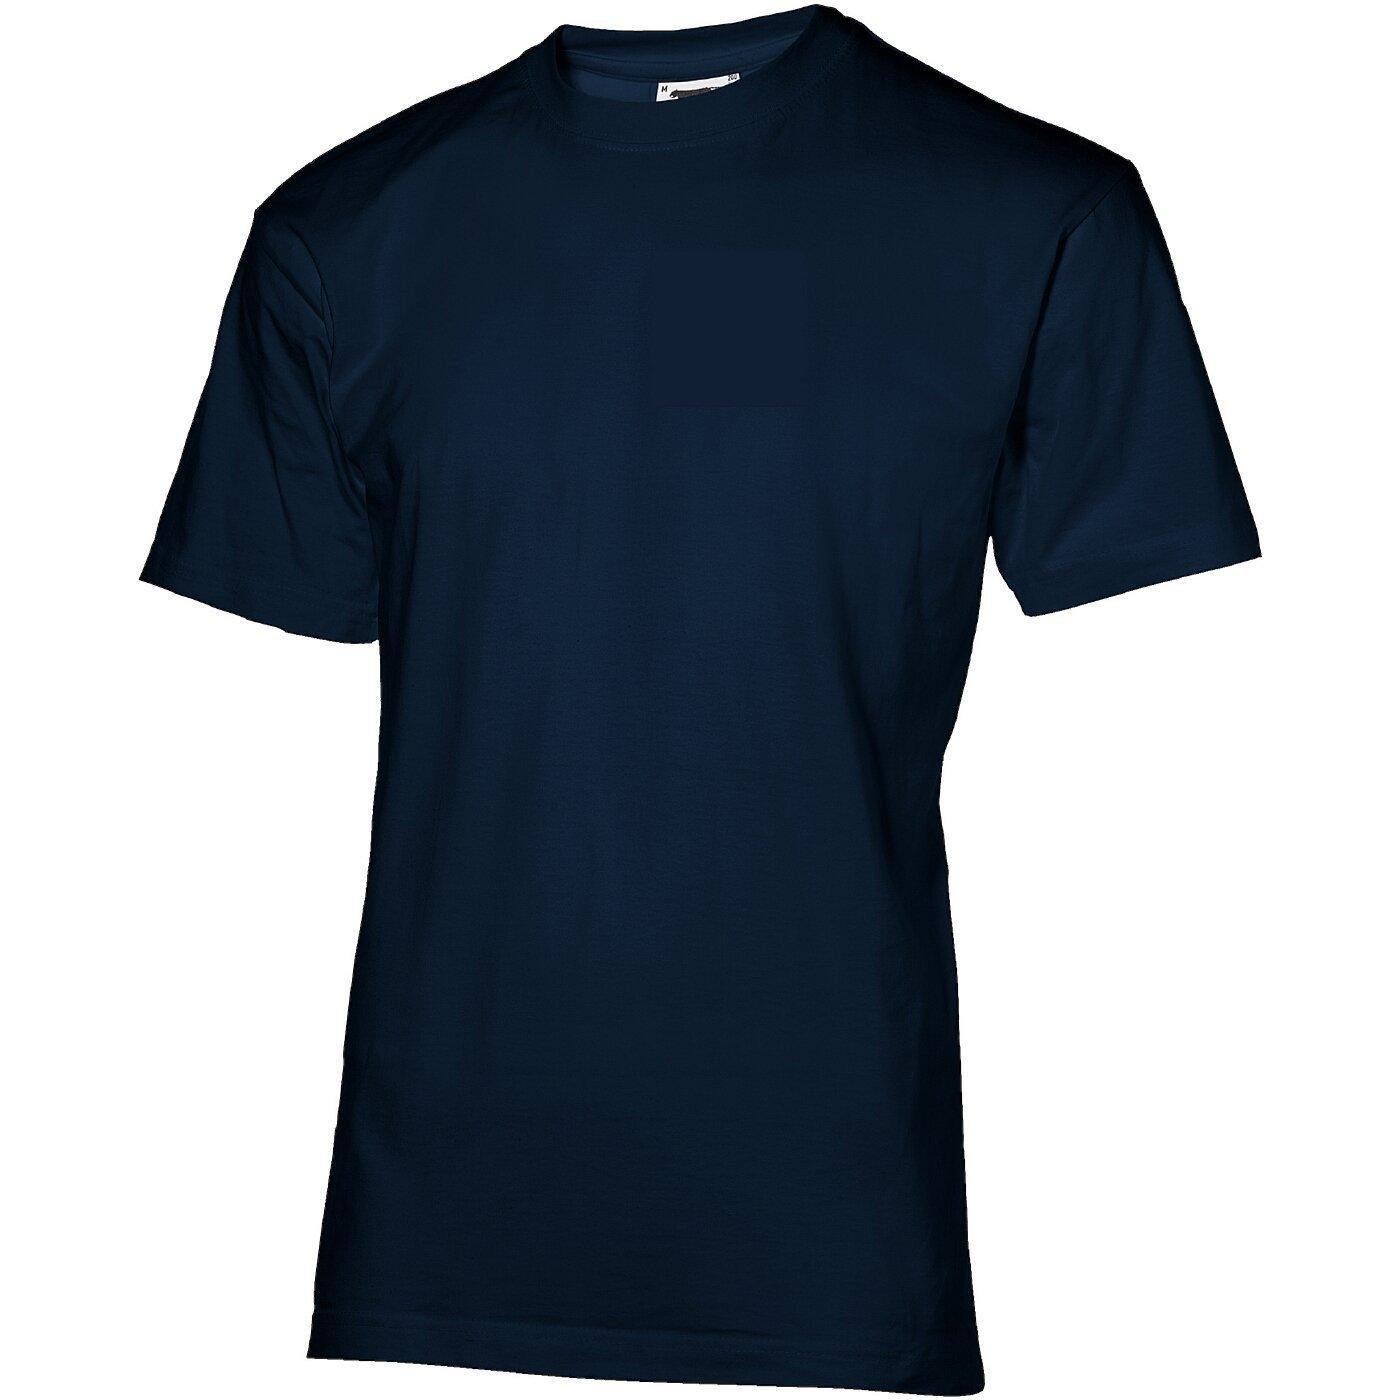 Slazenger Slazenger Slazenger 10er Pack T-Shirt 200 TShirt 100% Baumwolle S - XXXL B00OXVEP4E T-Shirts Stimmt 78dc09